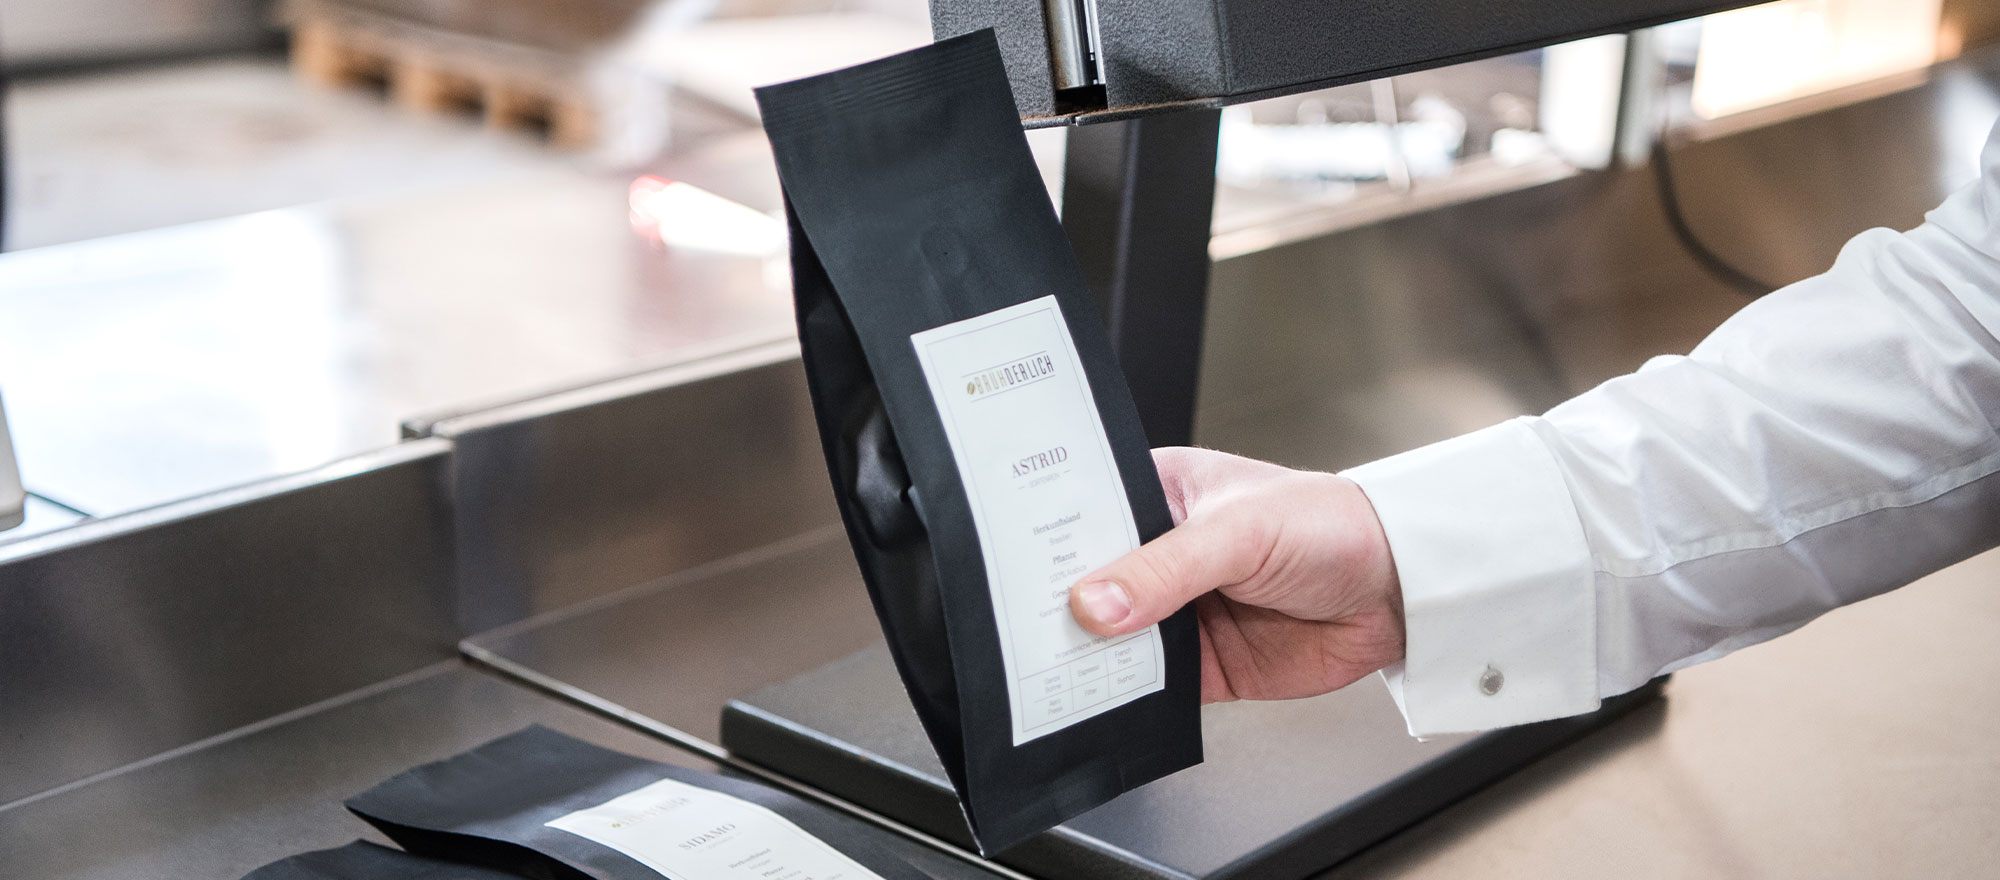 Brühderlich Kaffee Headerbild